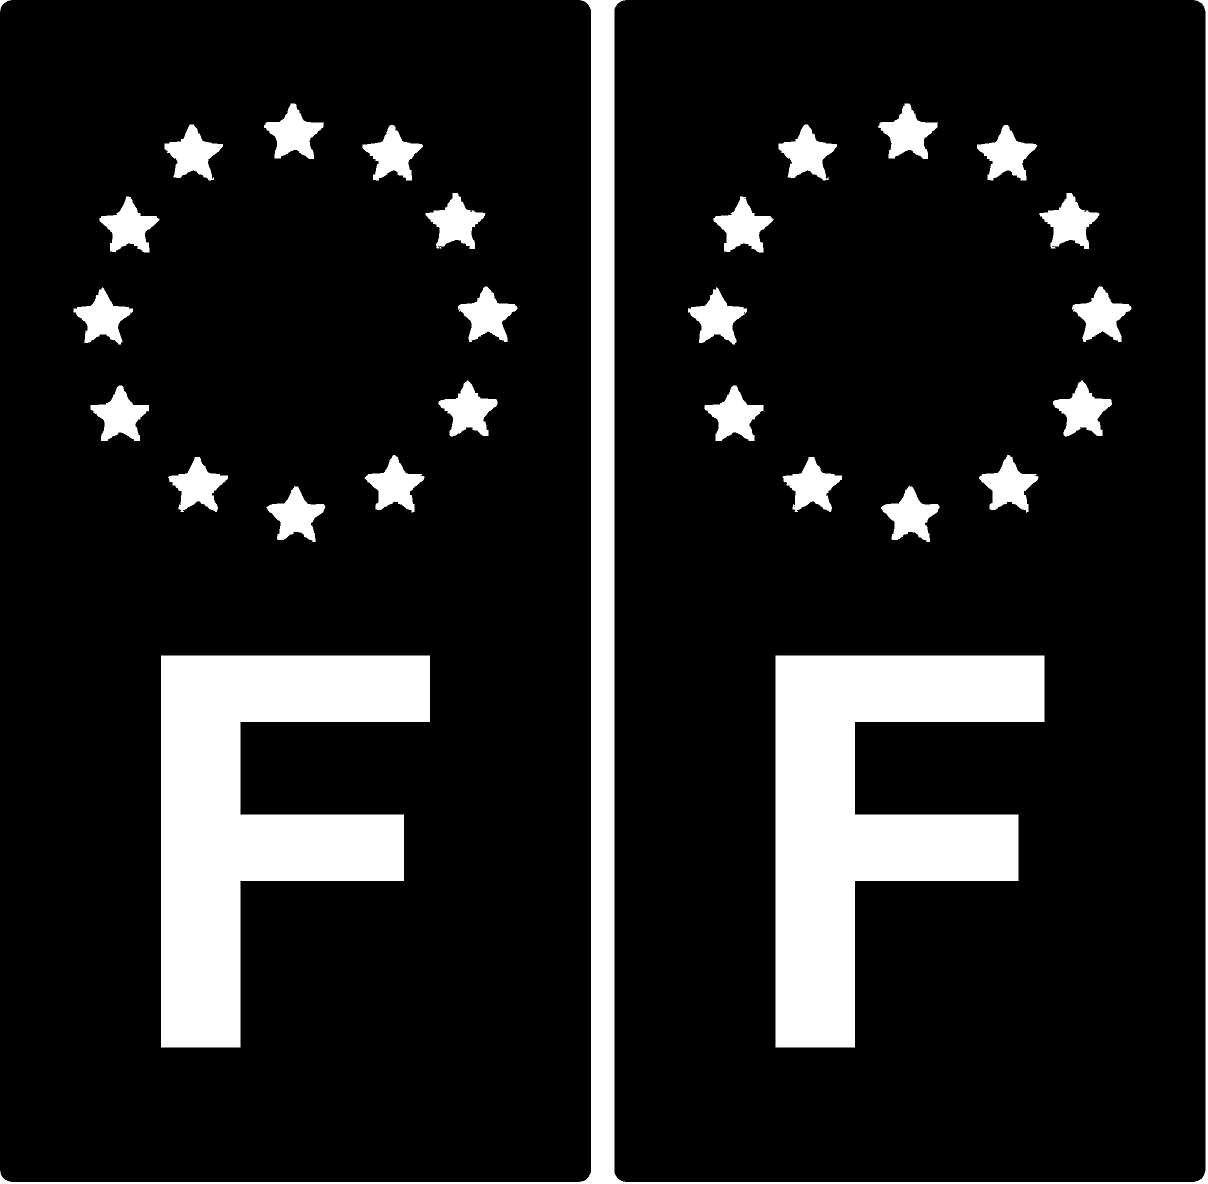 2 Stickers plaque d'immat. auto F France - Identifiant Europé en - Noir & Blanc KPCM Display